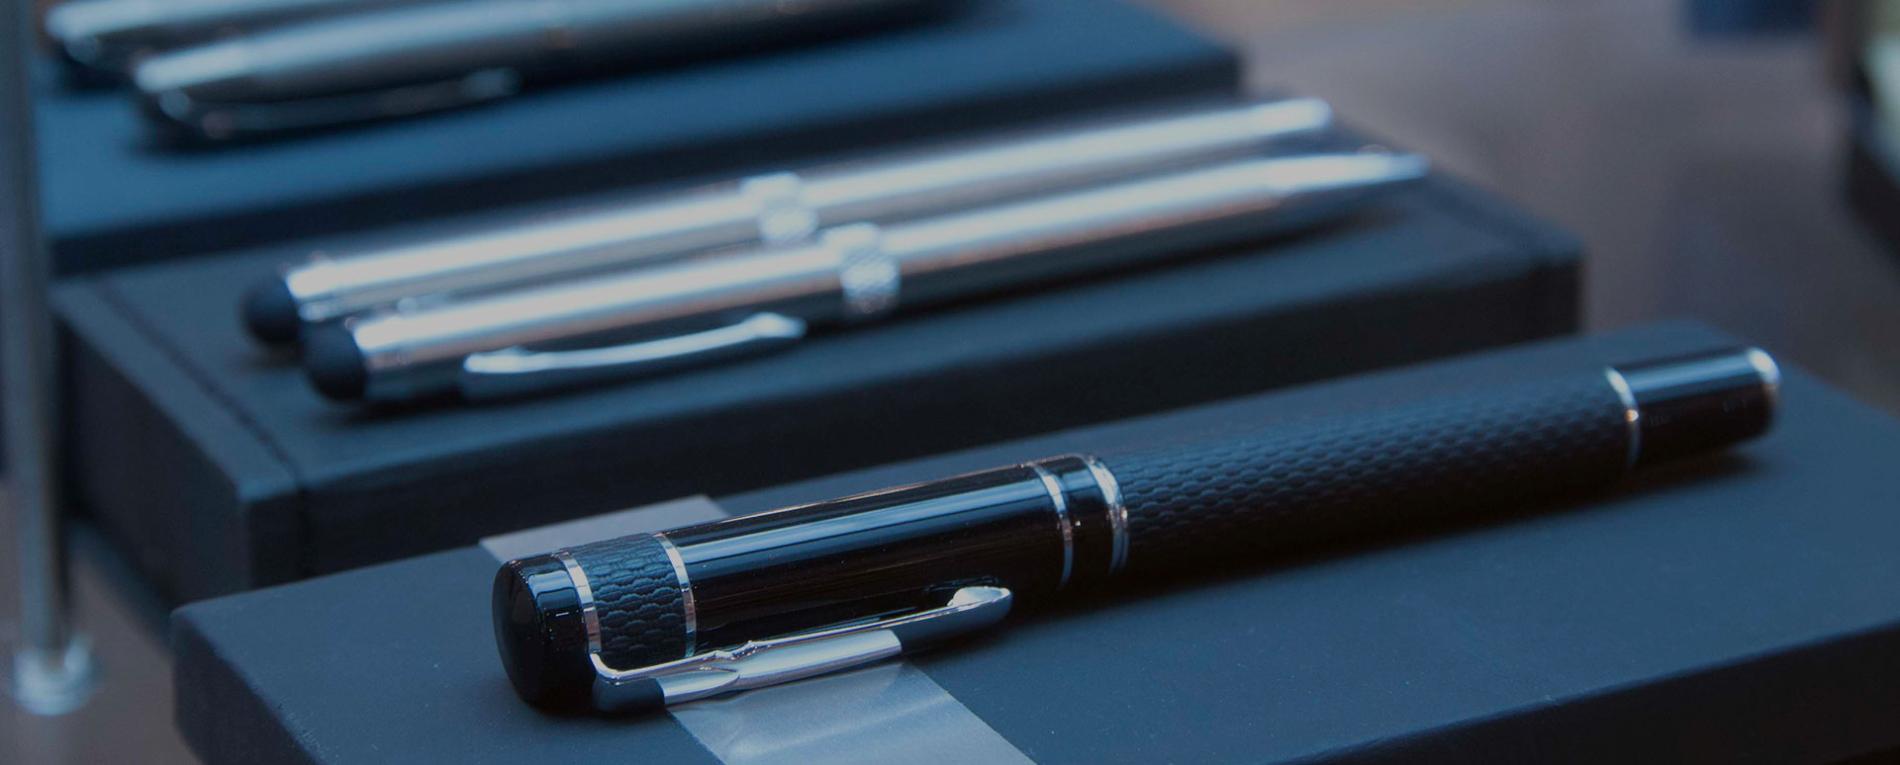 Muestra de bolígrafo